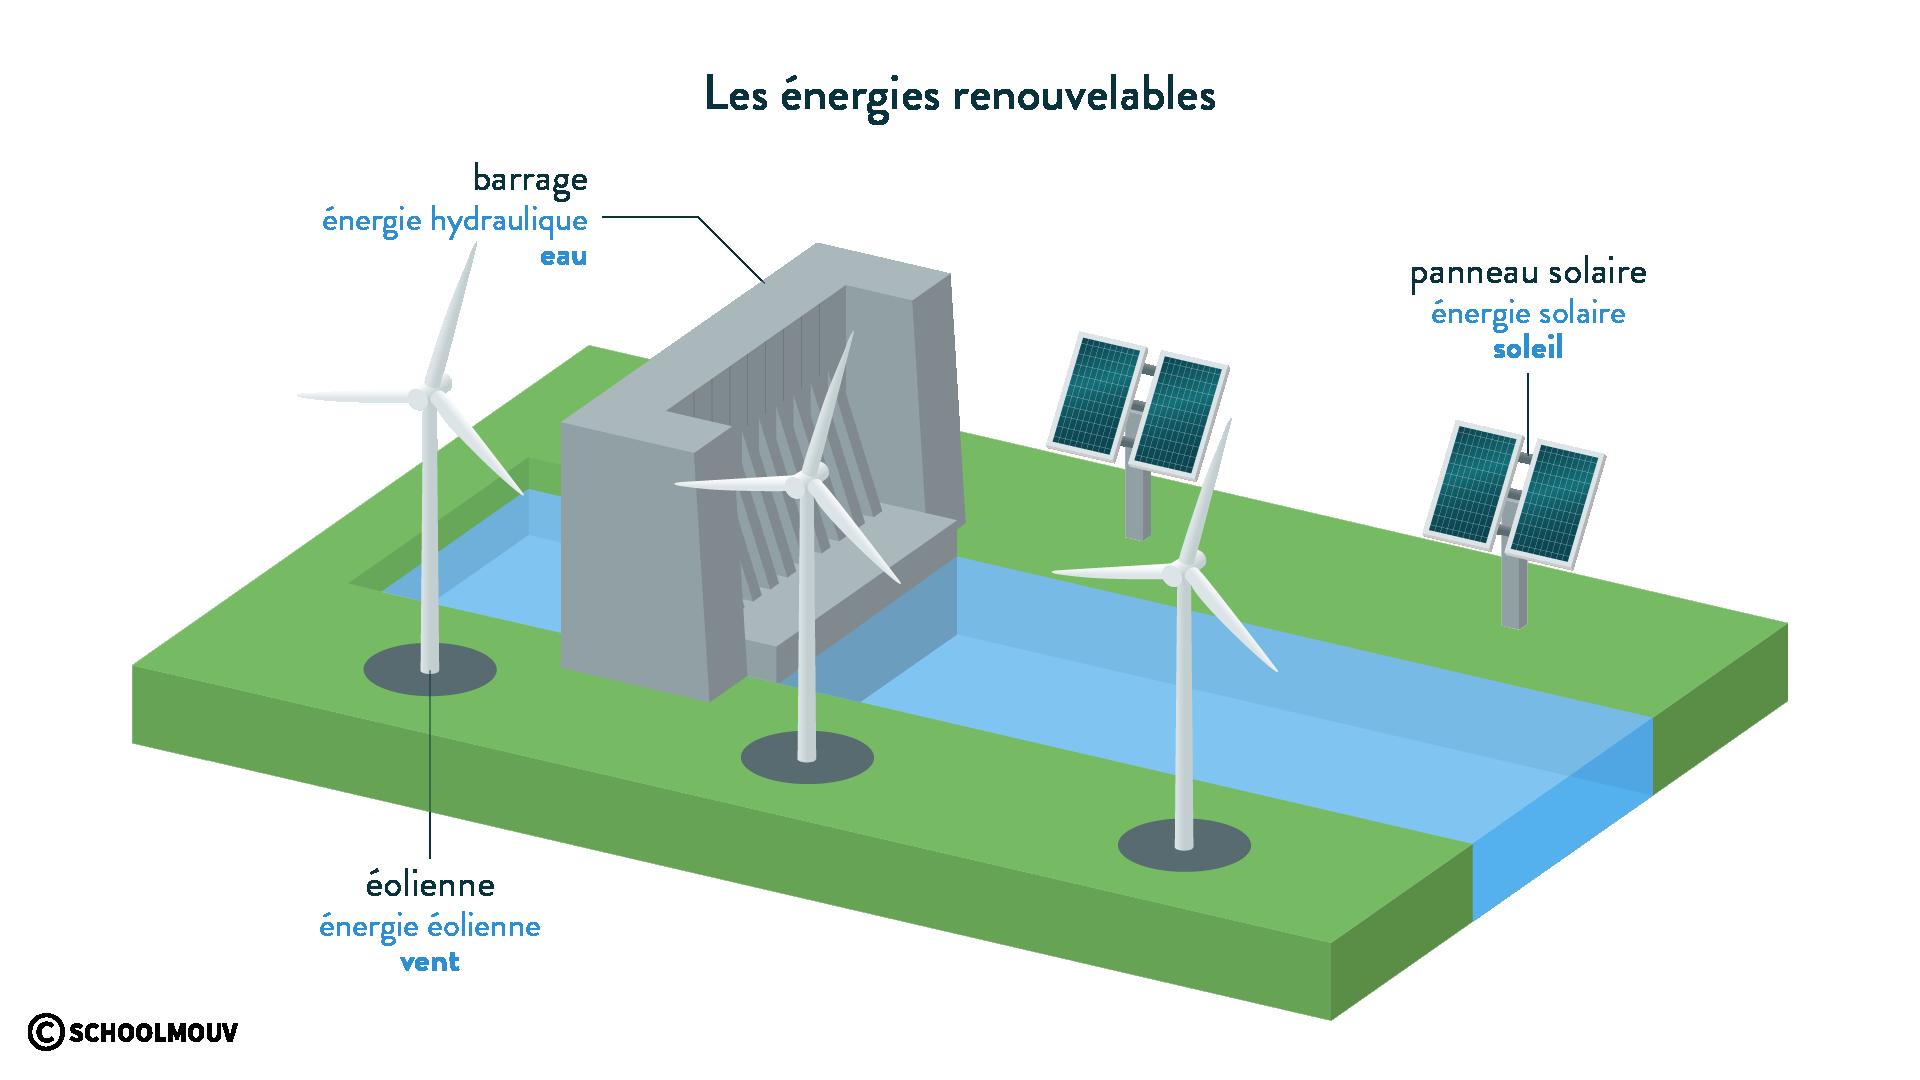 Les énergies renouvelables barrage hydroélectrique panneau solaire éolienne physique chimie 6eme